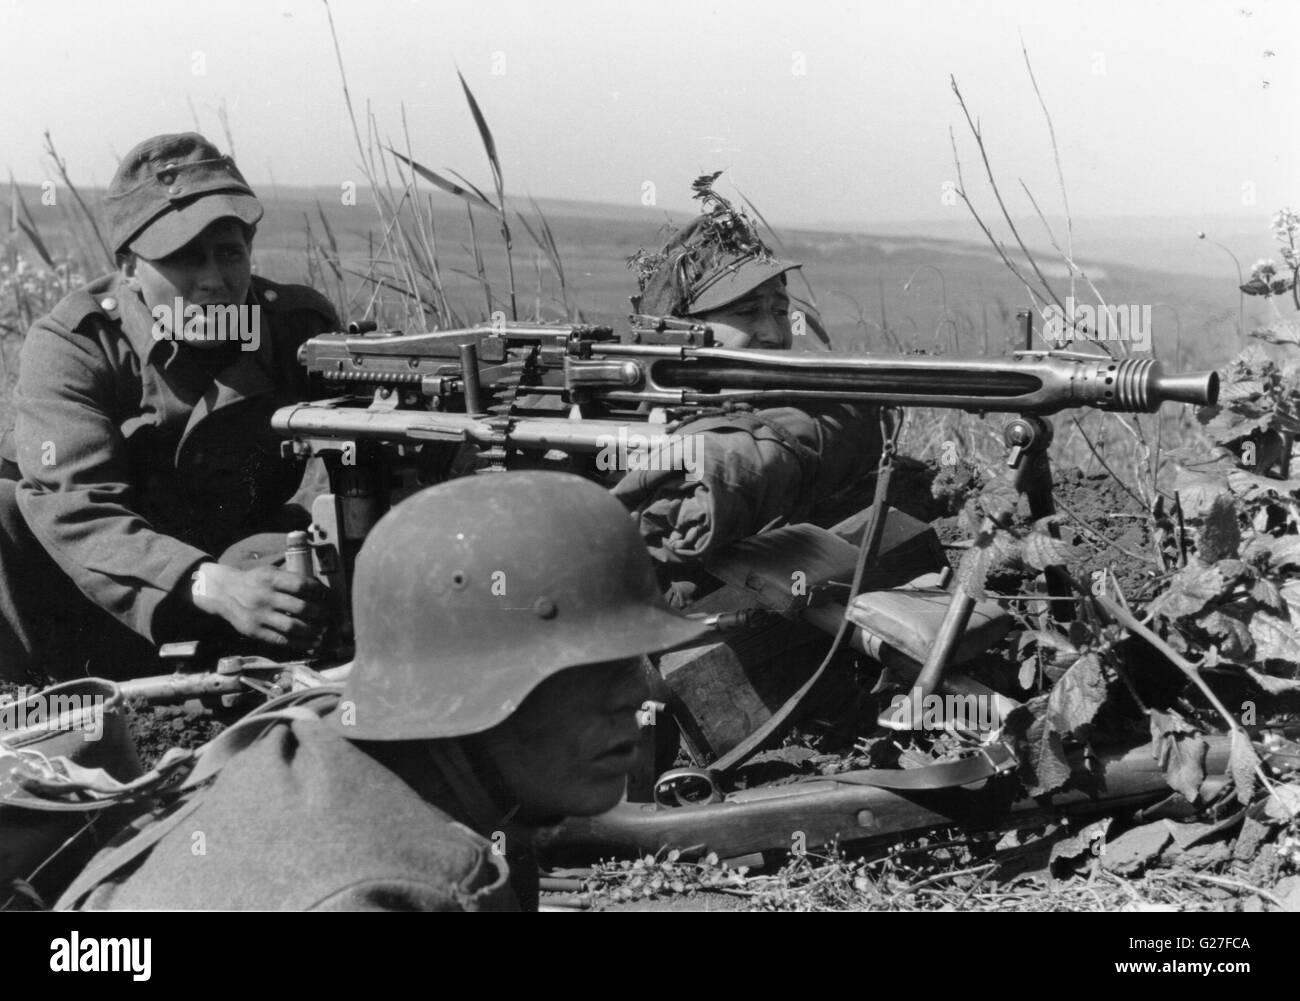 deutsche soldaten mit mg42 maschine gewehr an der ostfront 1944 stockfoto bild 104657290 alamy. Black Bedroom Furniture Sets. Home Design Ideas